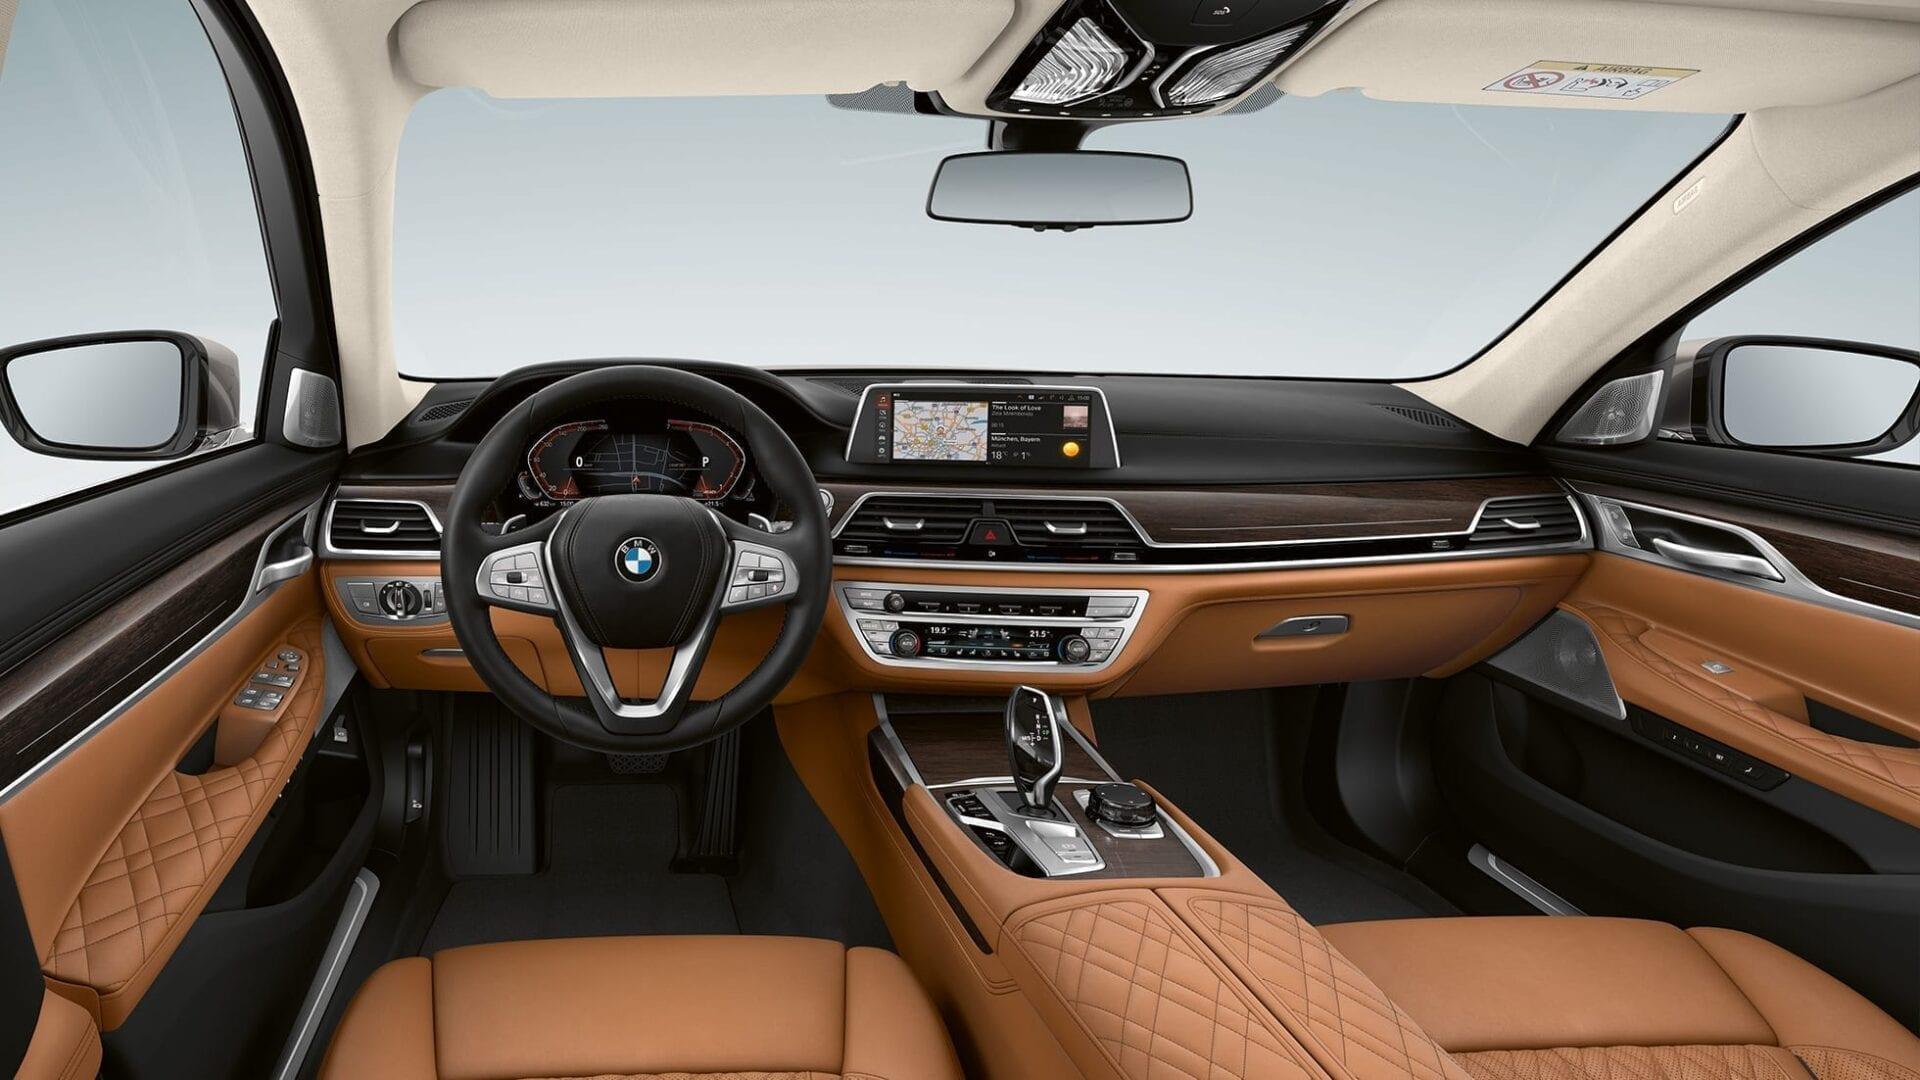 Tapiceria marron y cuadro de mandos negro BMW Serie 7